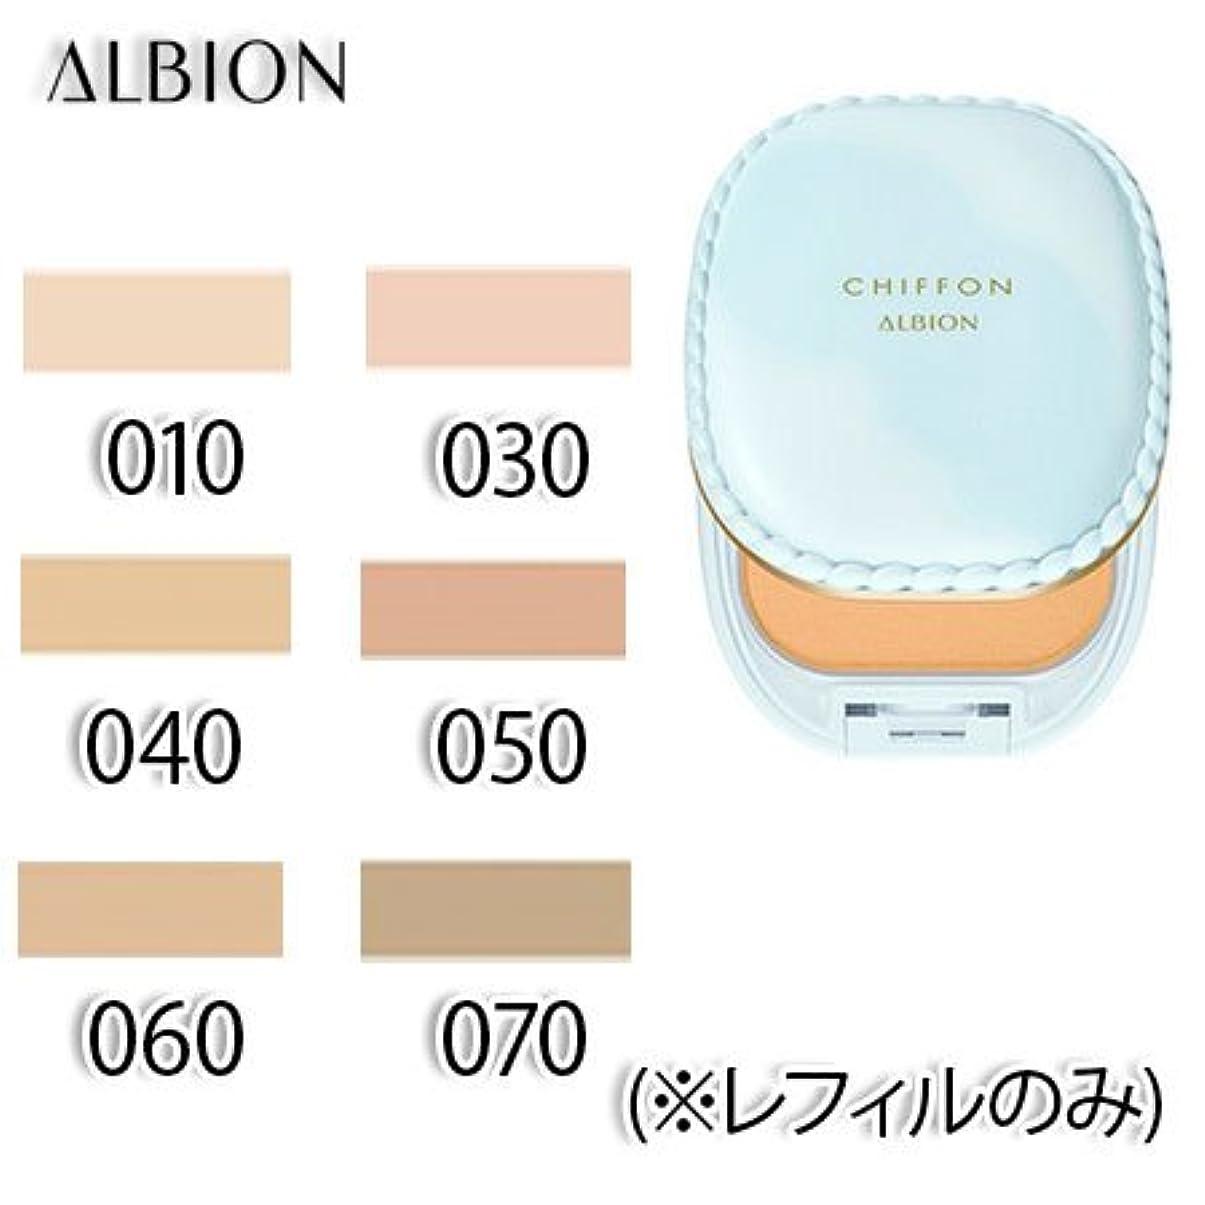 ほぼ小屋野心アルビオン スノー ホワイト シフォン 全6色 SPF25・PA++ 10g (レフィルのみ) -ALBION- 070